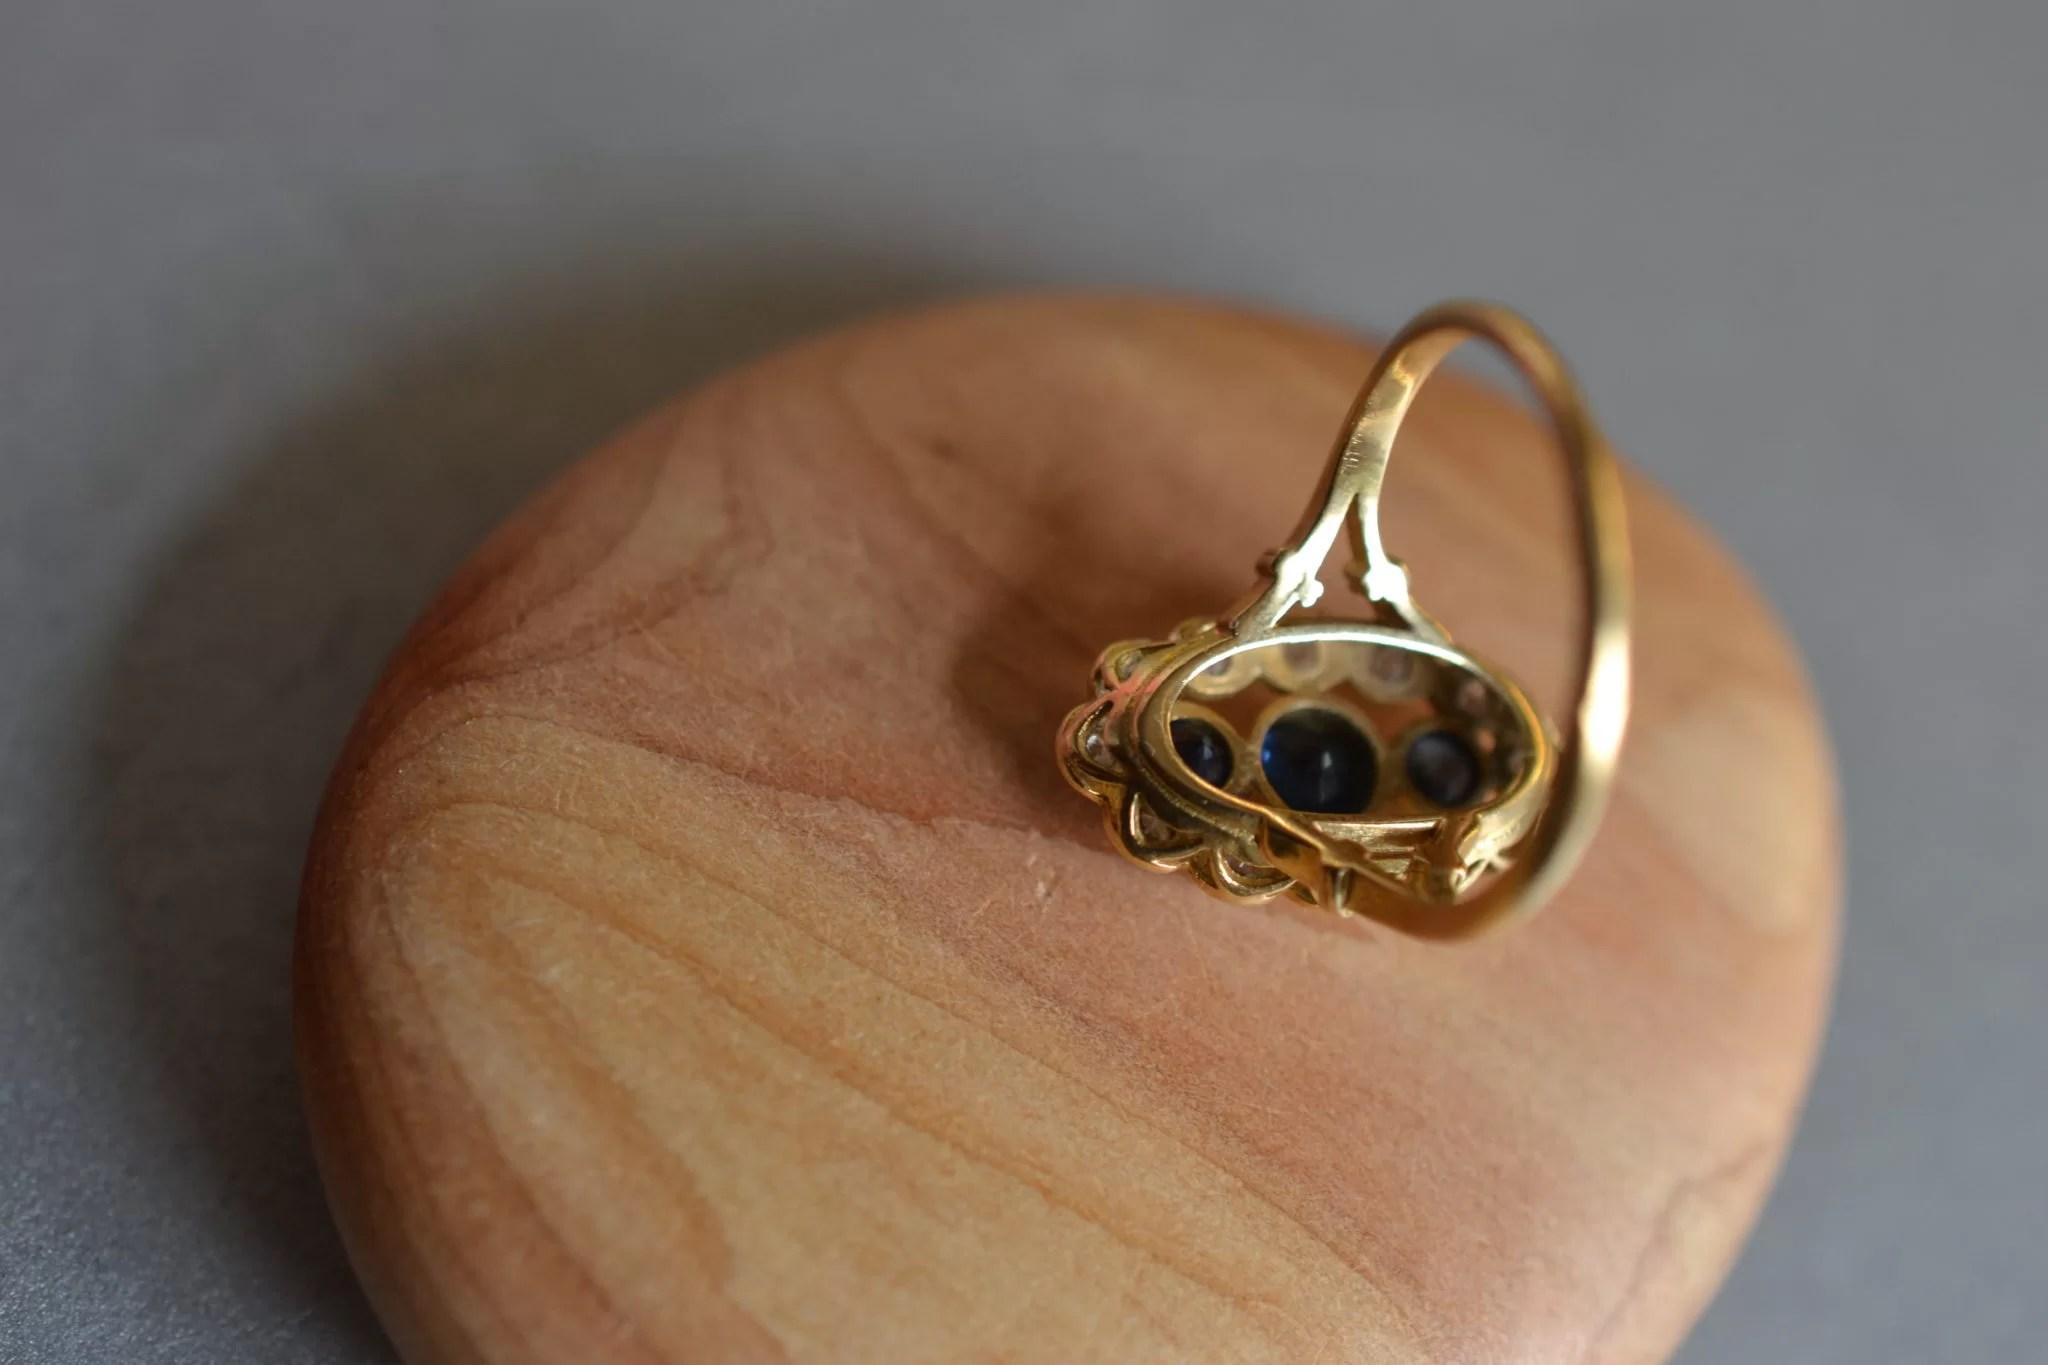 bague marquise saphir et diamants - en OR 18 carats 750:1000 - bague de fiançailles ancienne - noircarart